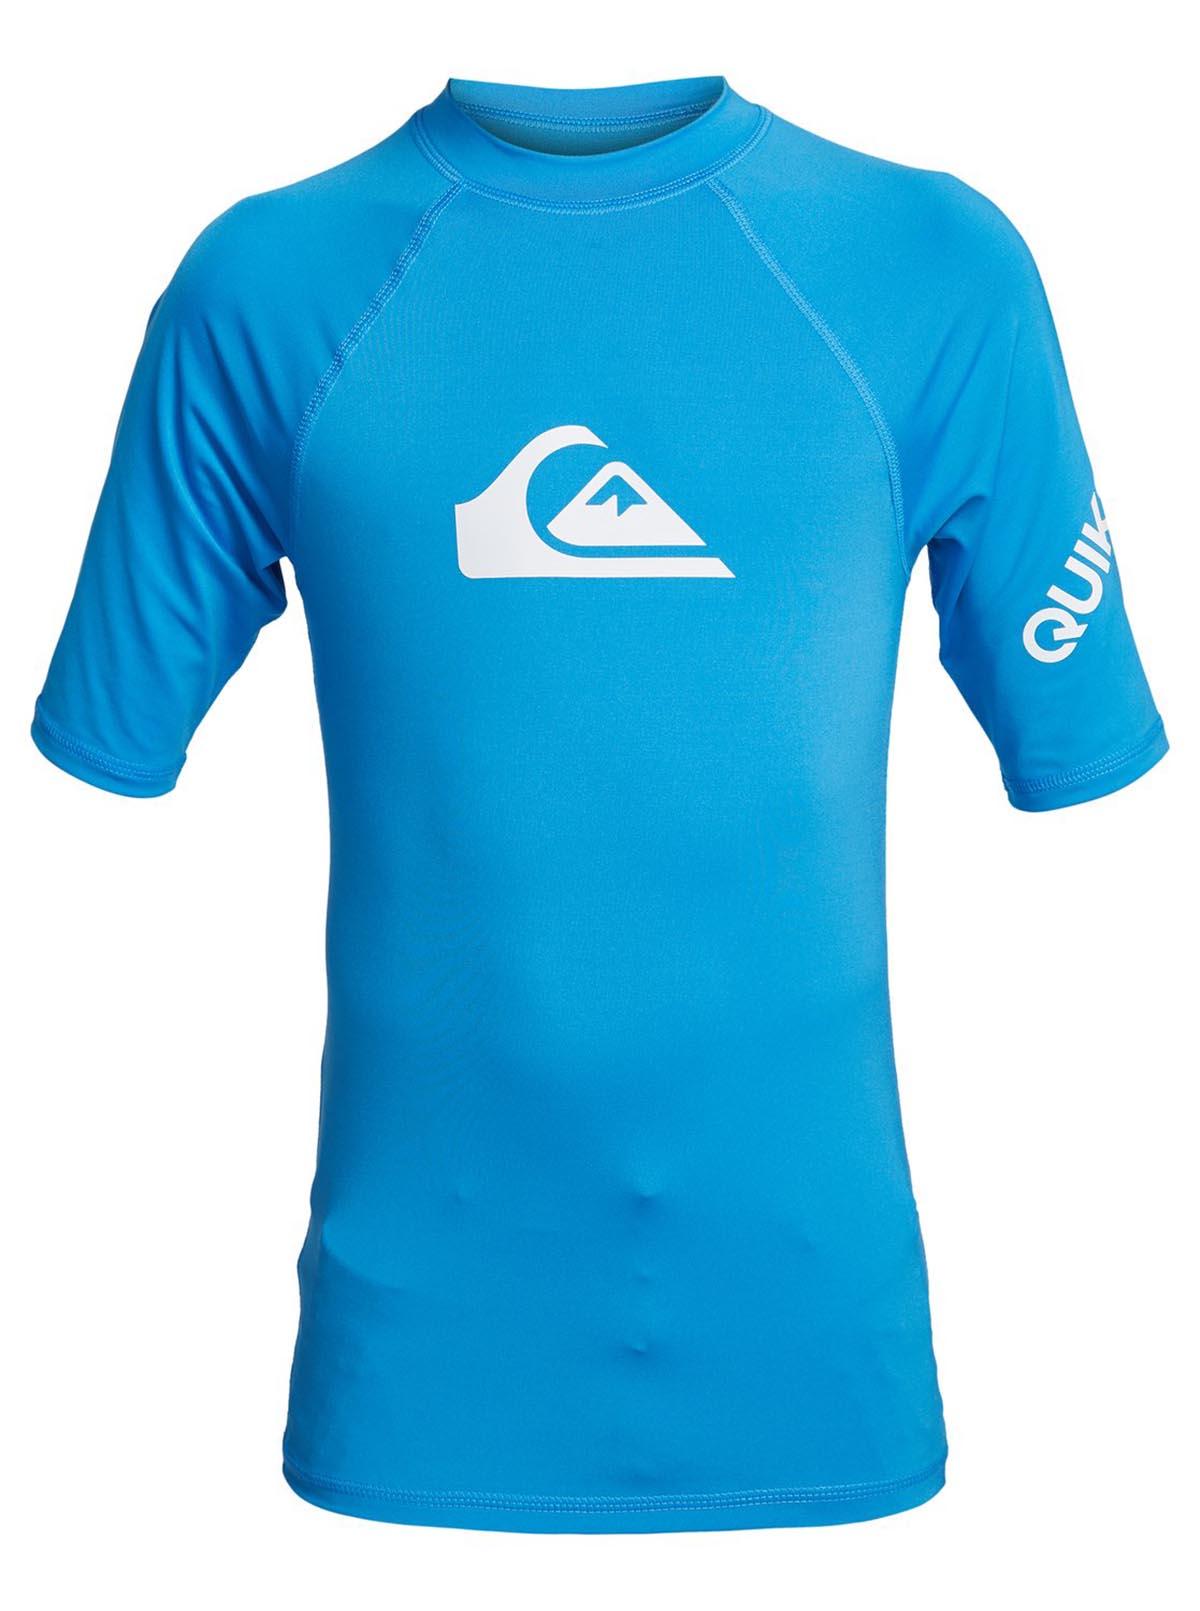 Quiksilver ALLTIMLSYTH B SFSH Lycra T-Shirt EQBWR03121-BMM0